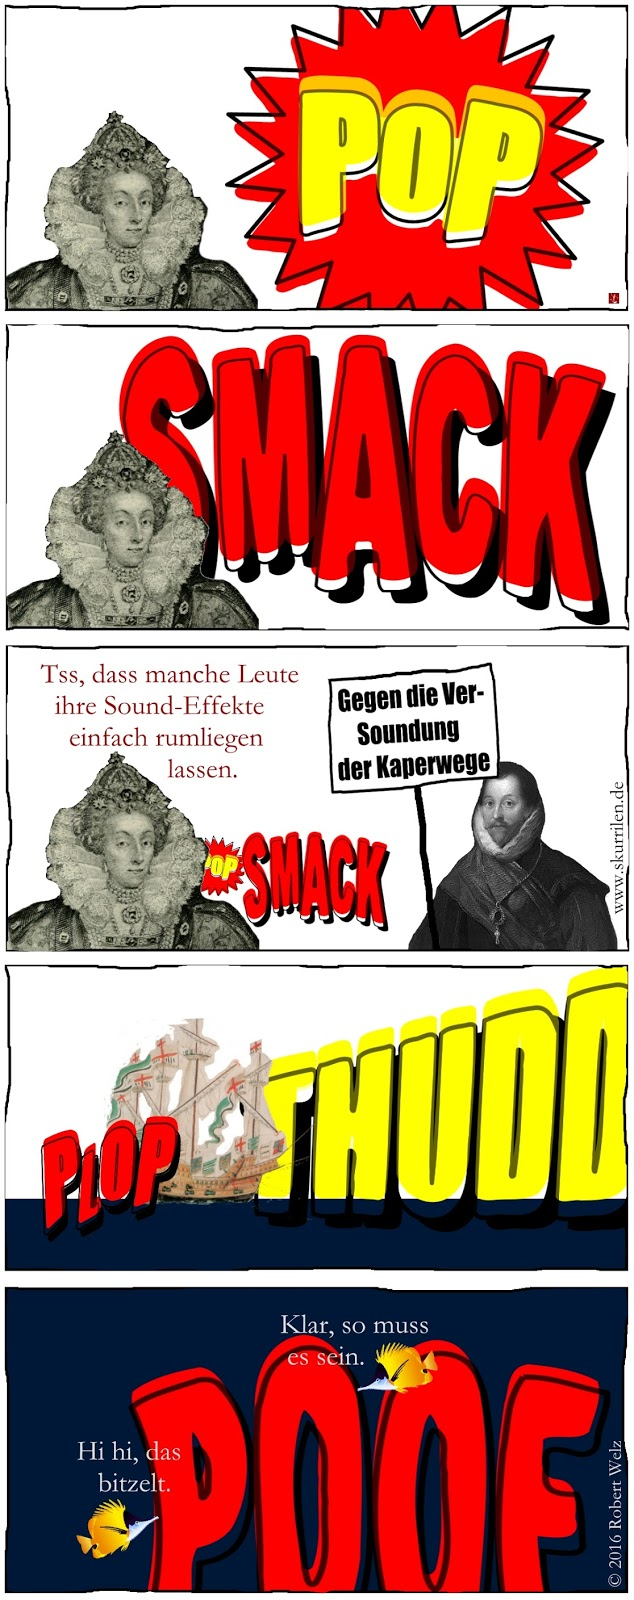 humoristische, komische, absurde Fantasy im Collage Comic: Lautmalereien, Sound-Effekte verstopfen die Schifffahrtswege. Sie gefährden sogar die Kaperfahrten des edelsten Piraten der Königin.